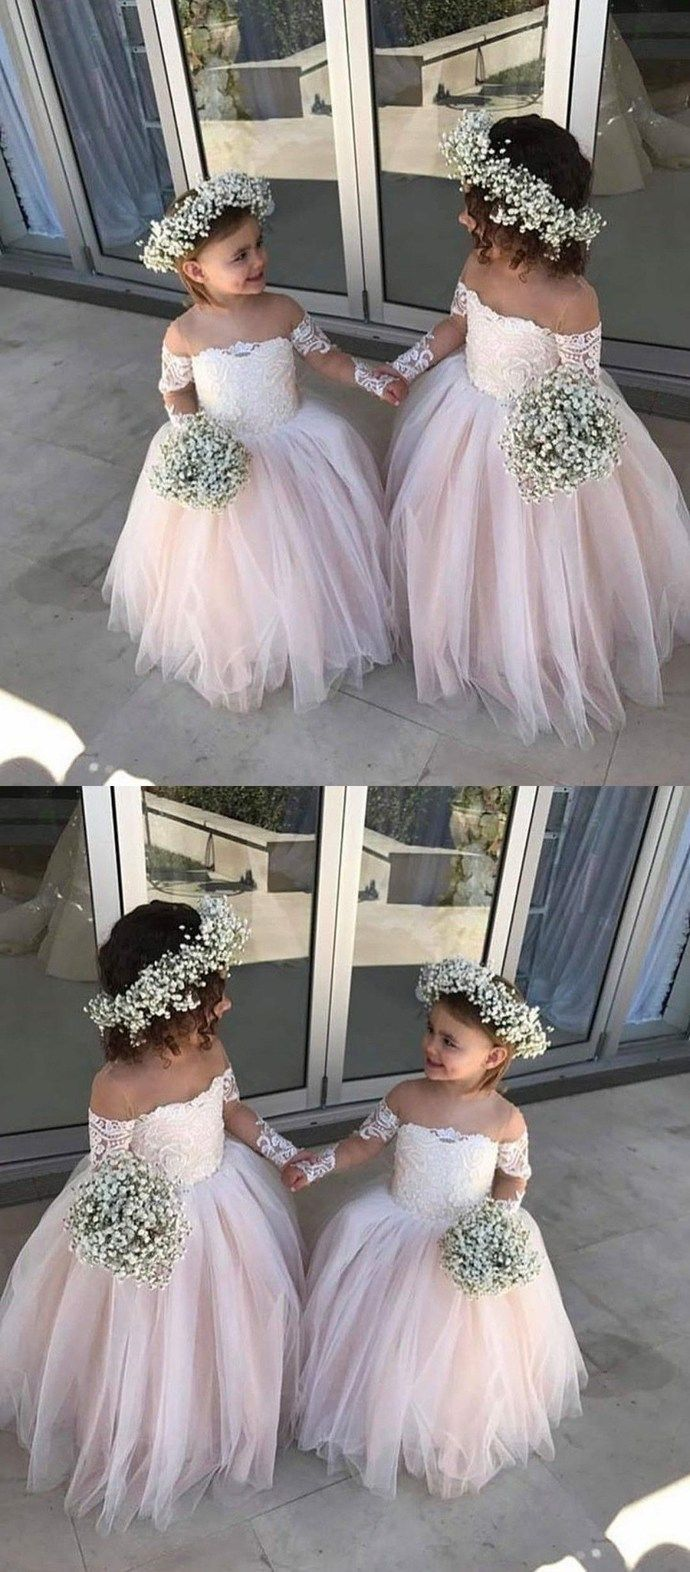 c8de30e433 Adorable Flower Girl Dresses For Weddings